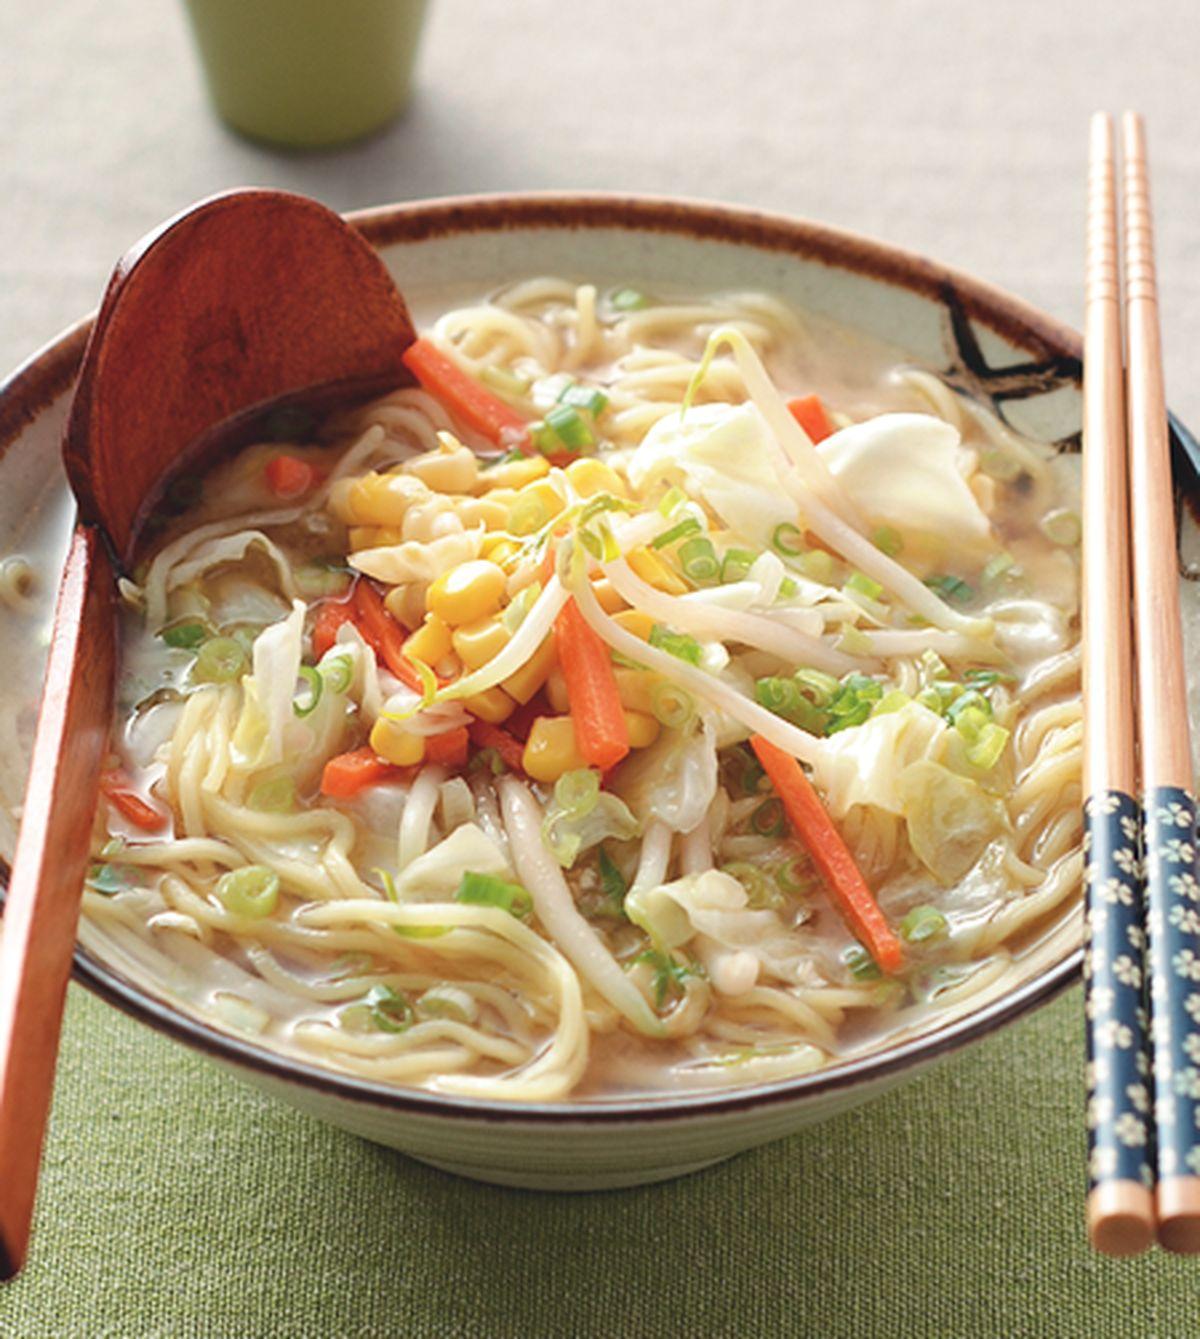 食譜:味噌蔬菜拉麵